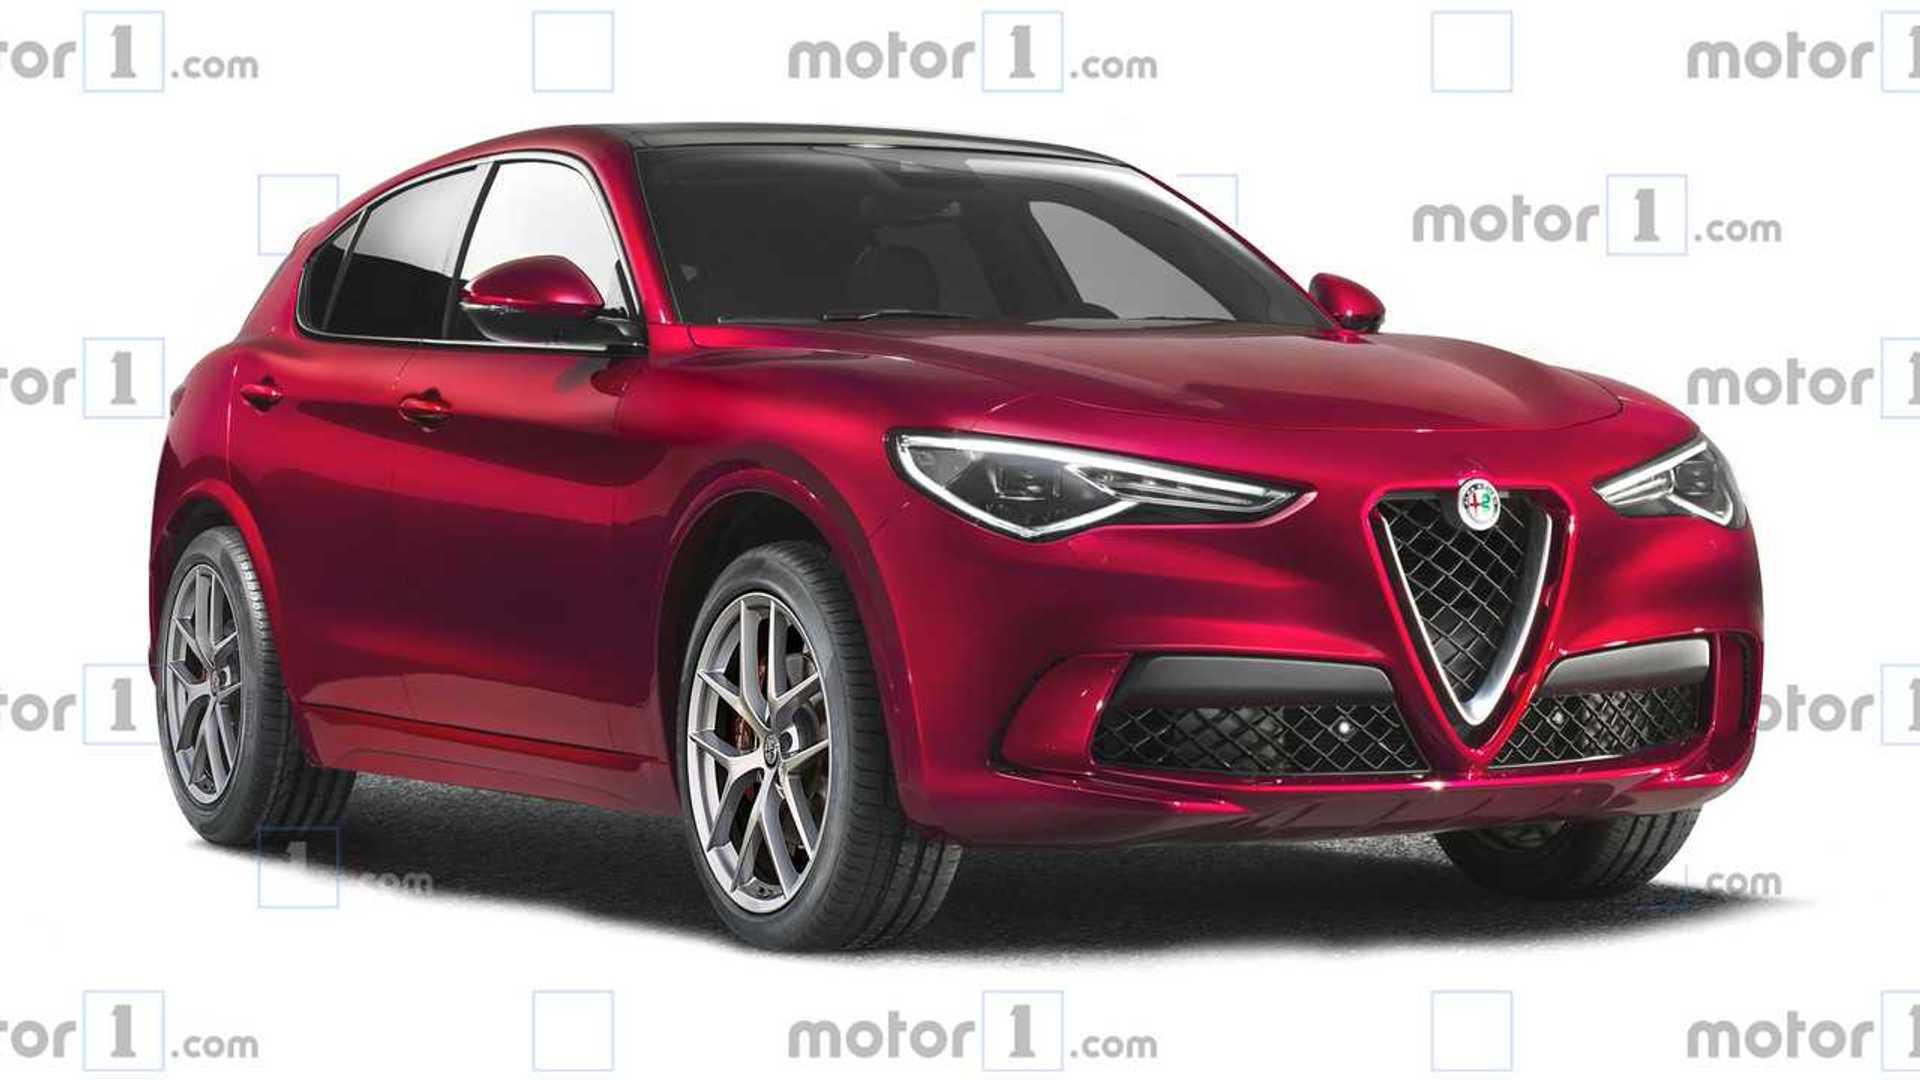 Alfa Romeo Stelvio Facelift Rendering Shows Minor Tweaks